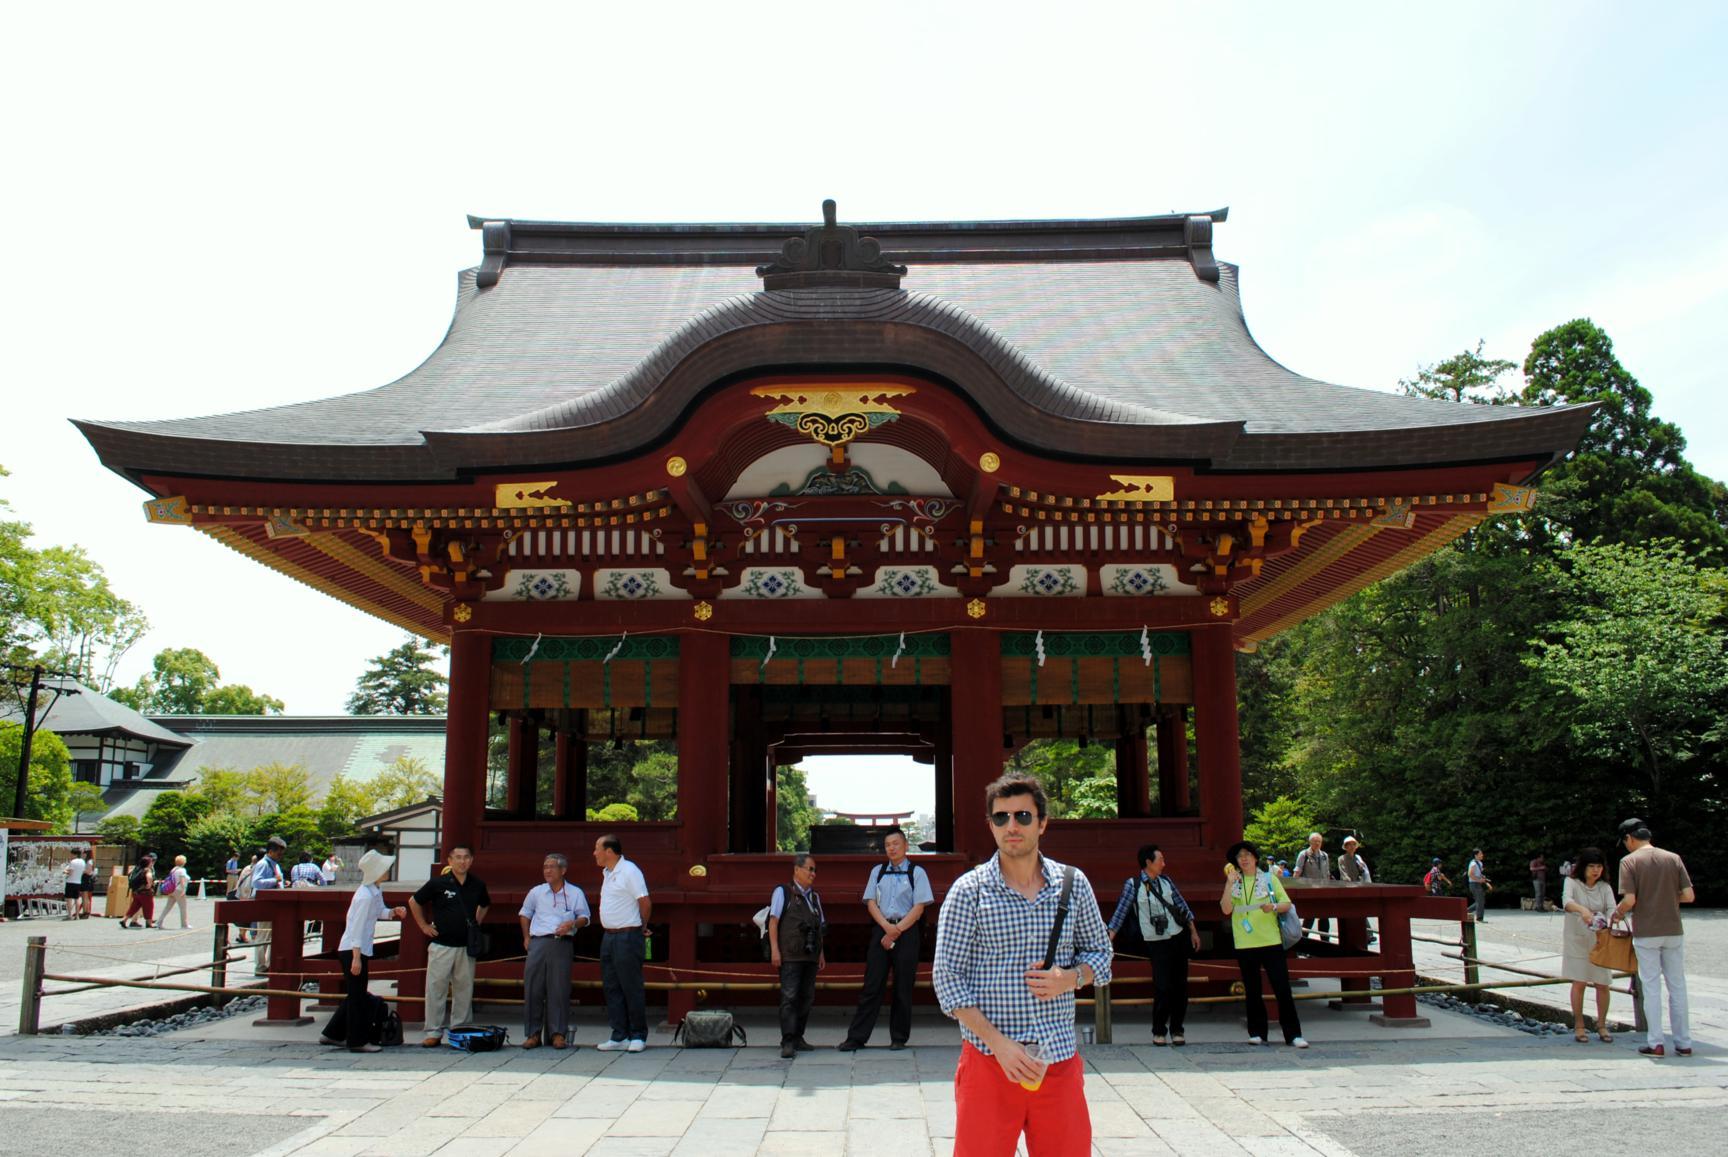 tsurugaoka_hachimangu_6-kamakura